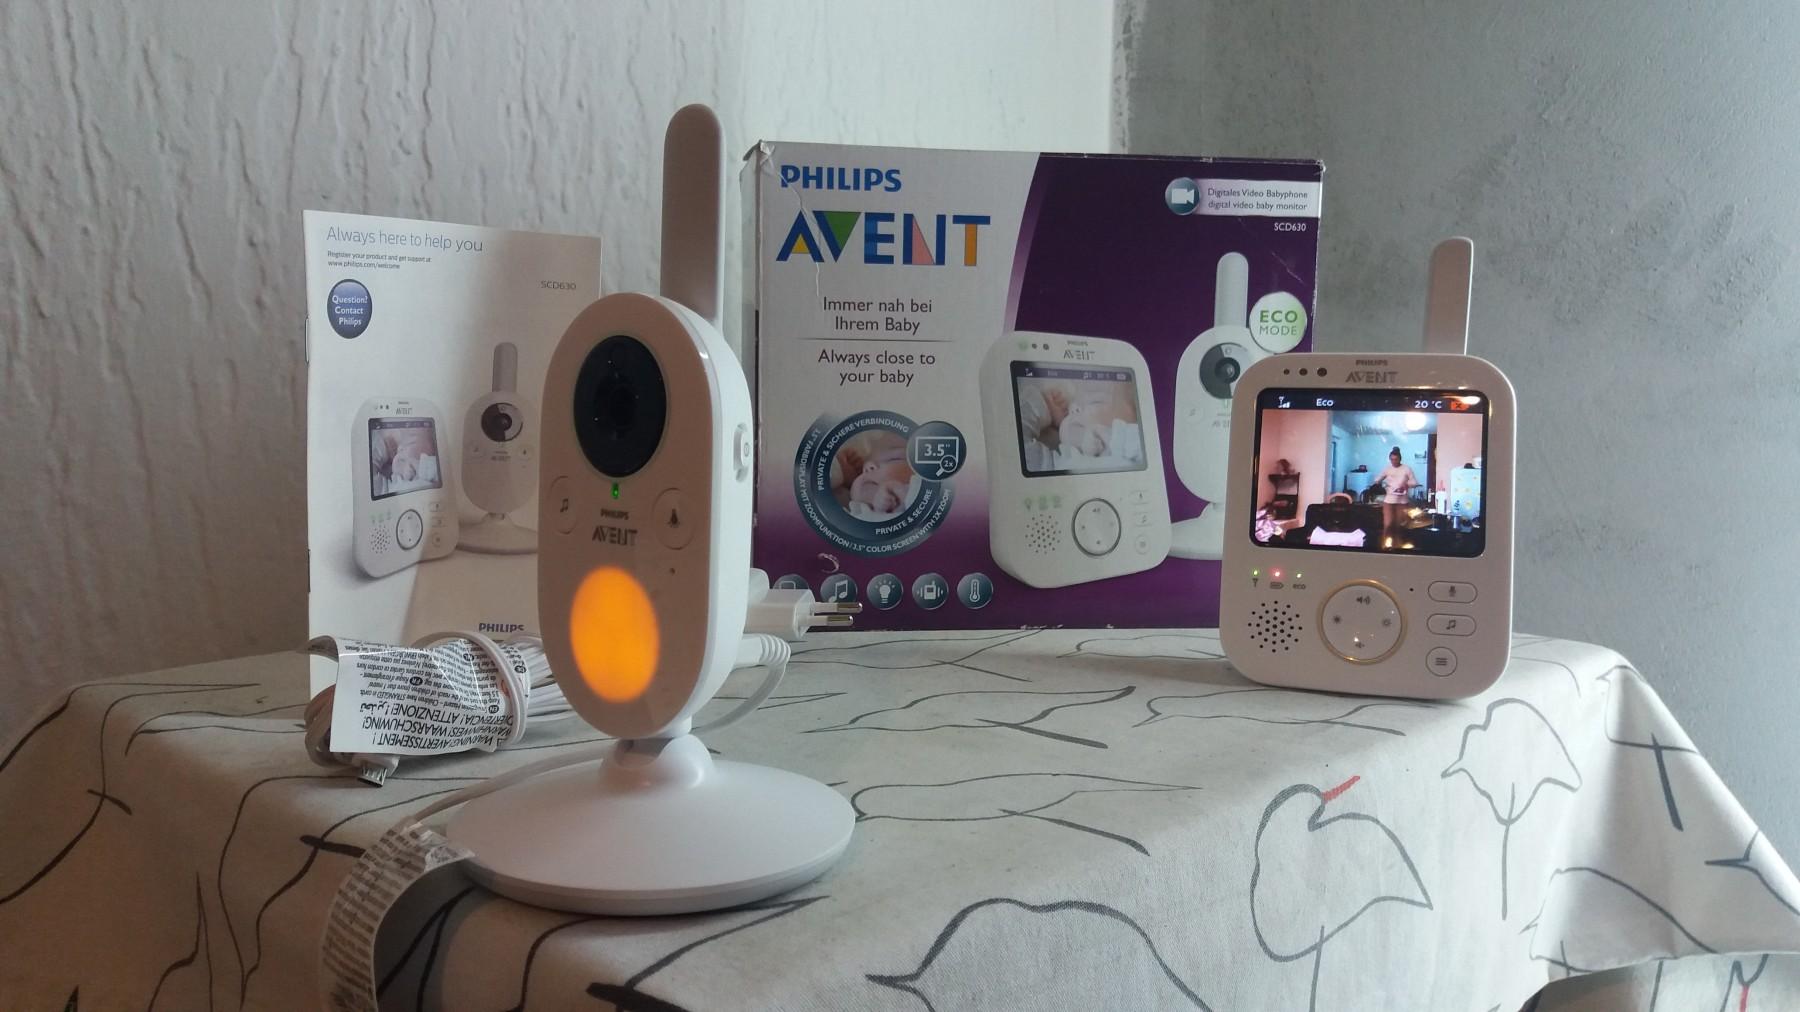 originalslika_Philips-AVENT-SCD-630-bezicni-bebi-alarm-VRH-132527799